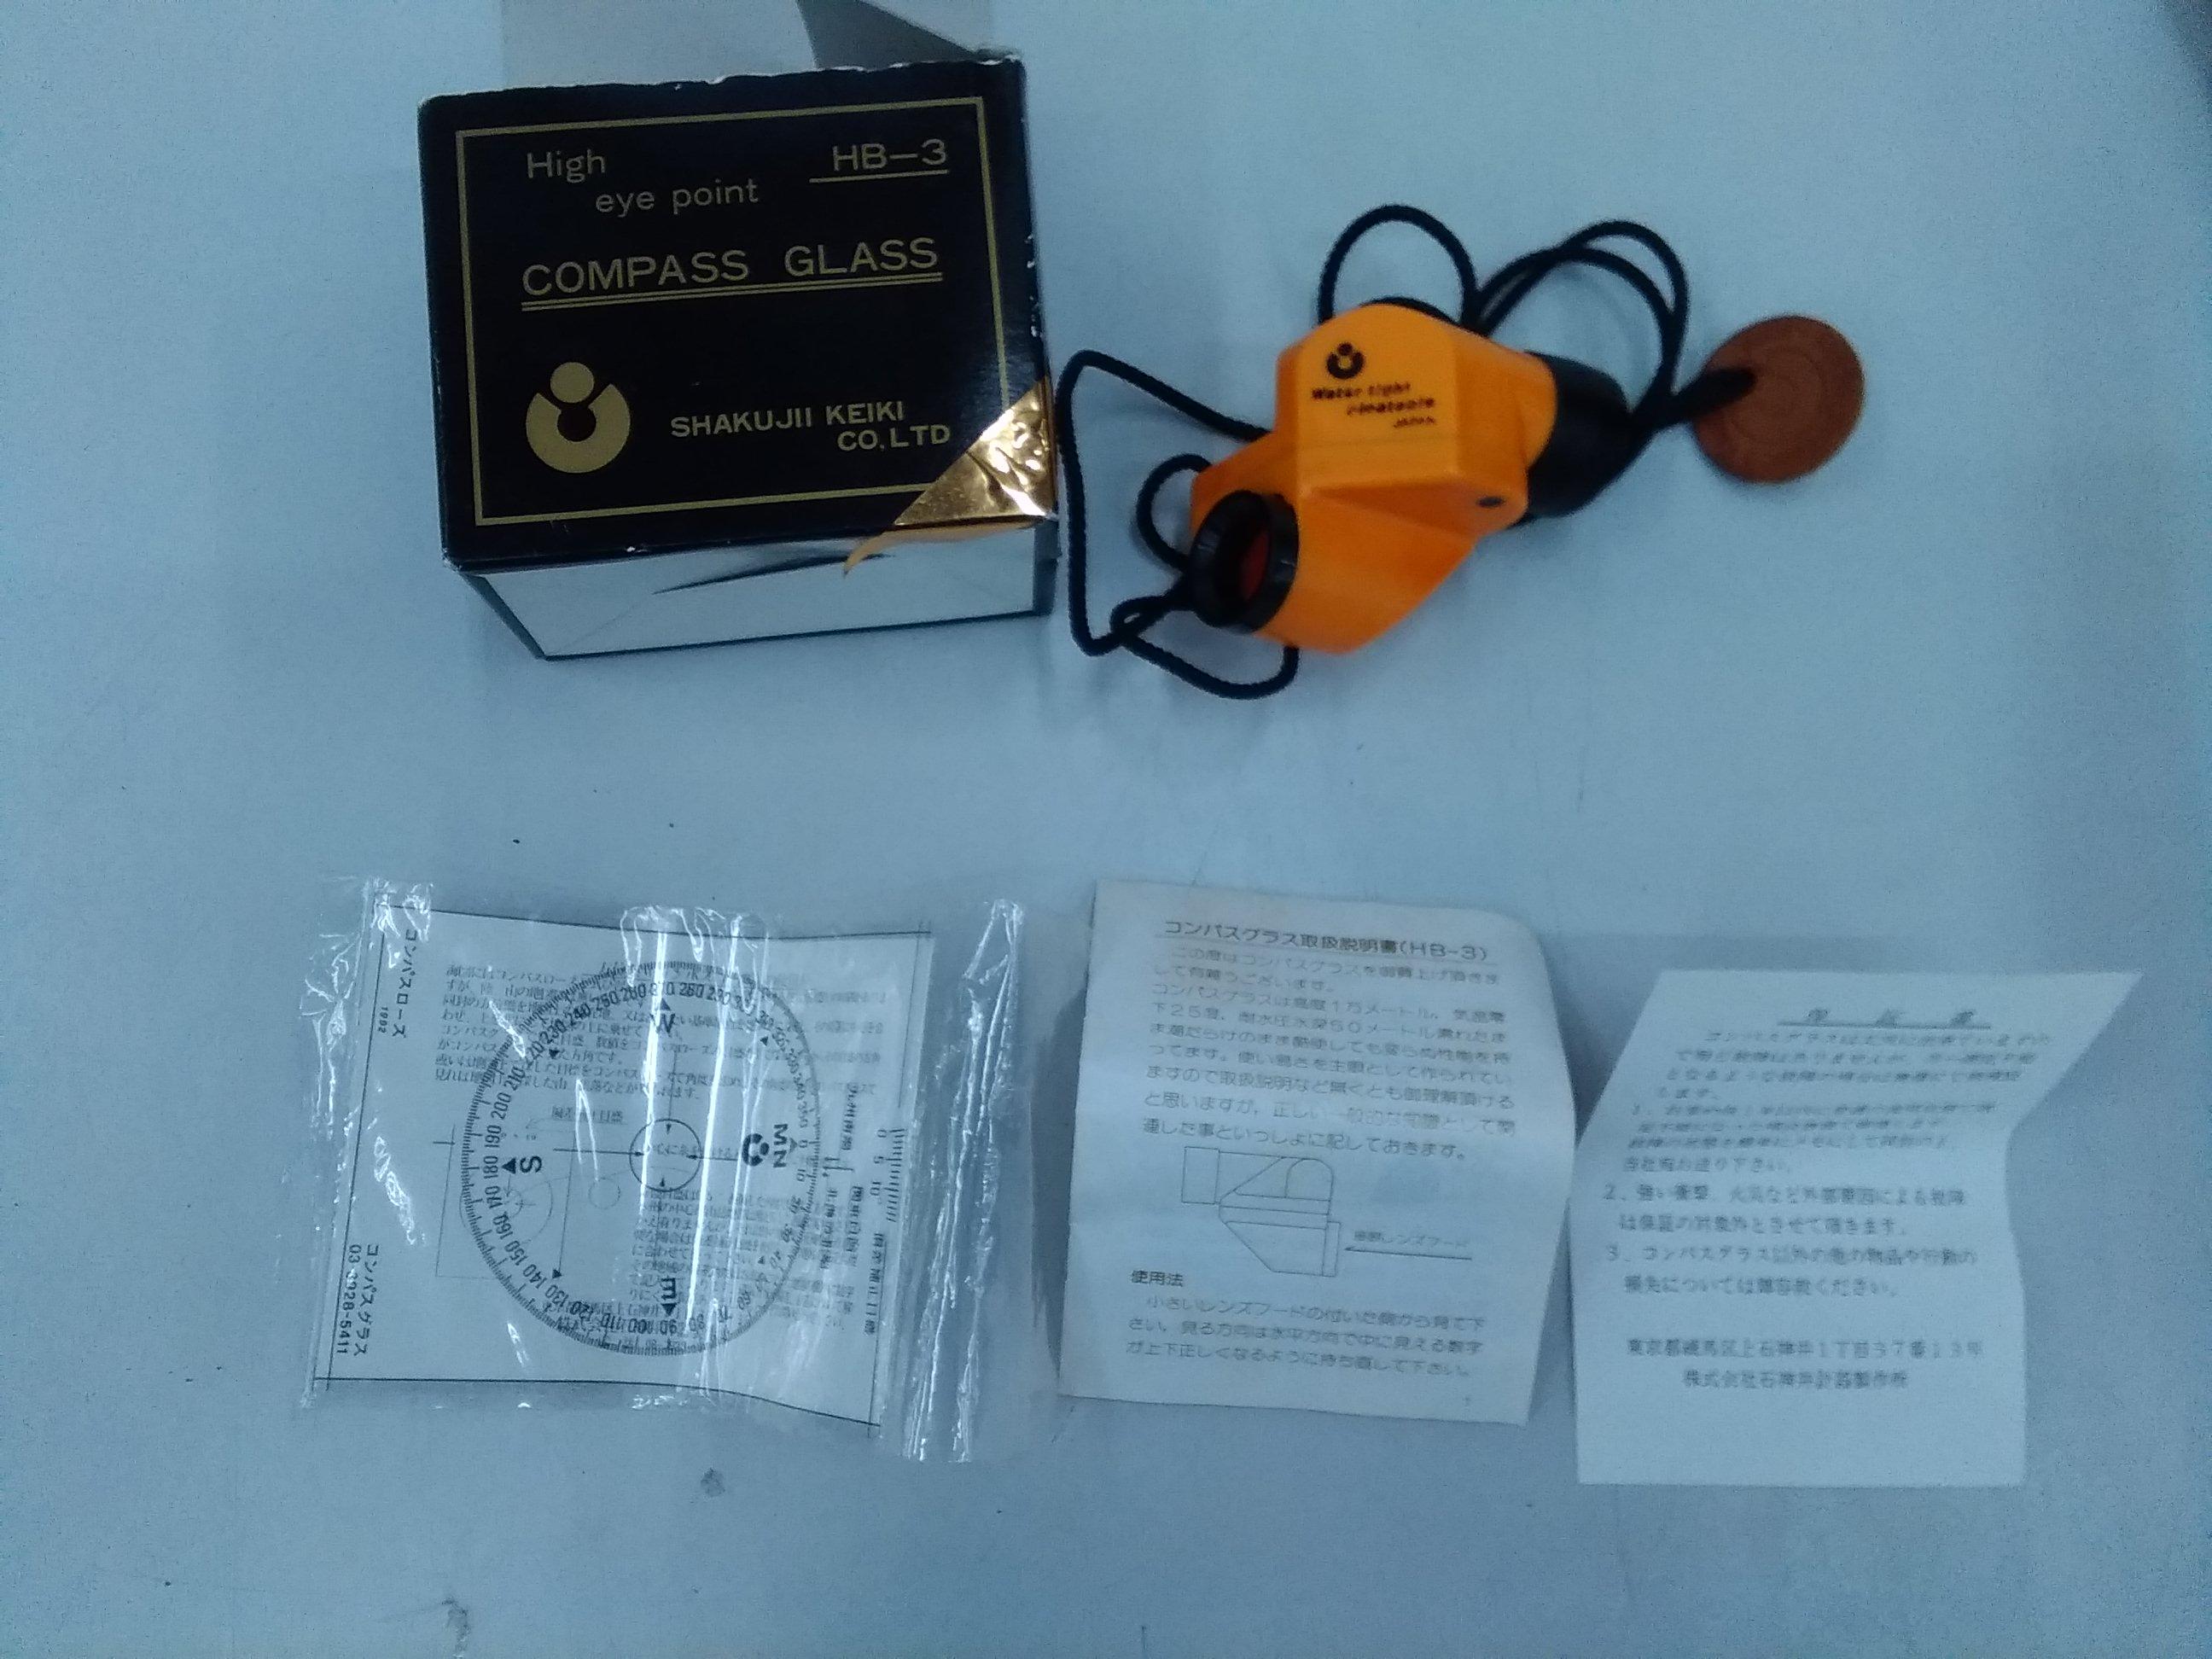 コンパスグラス 箱・付属品あり|石神井計器